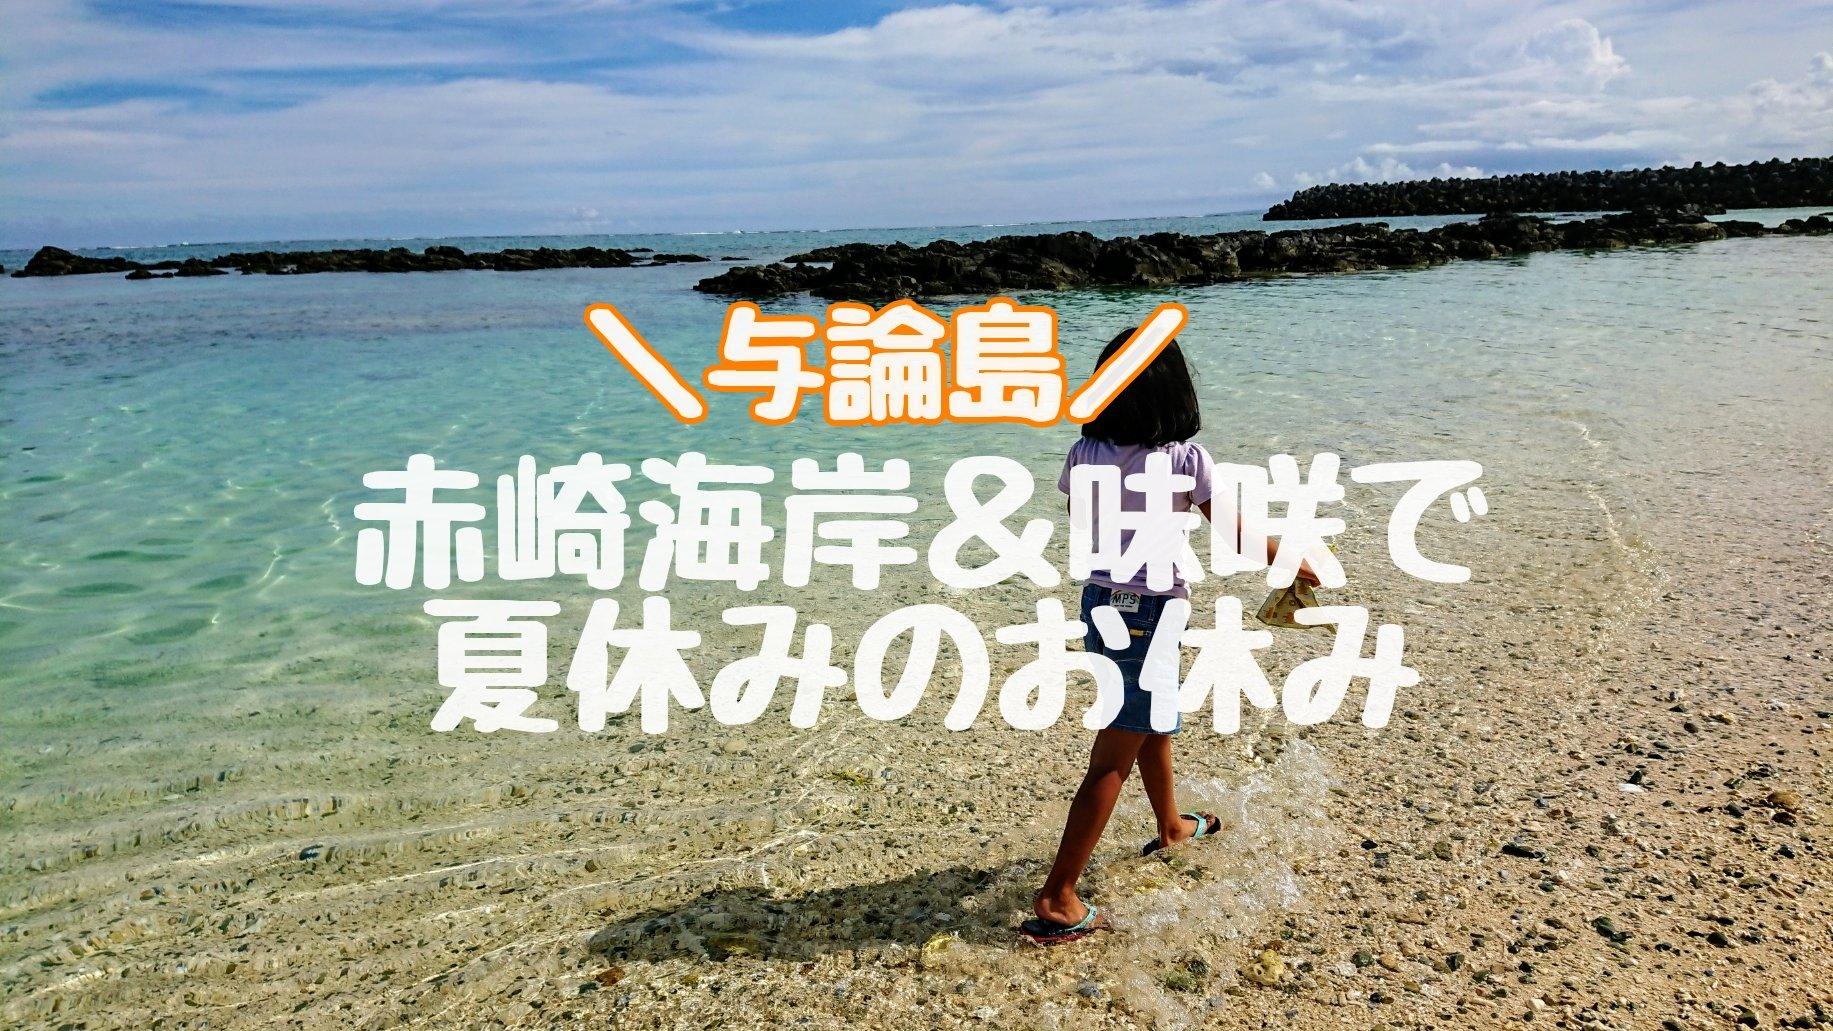 与論島・赤崎海岸・みさき